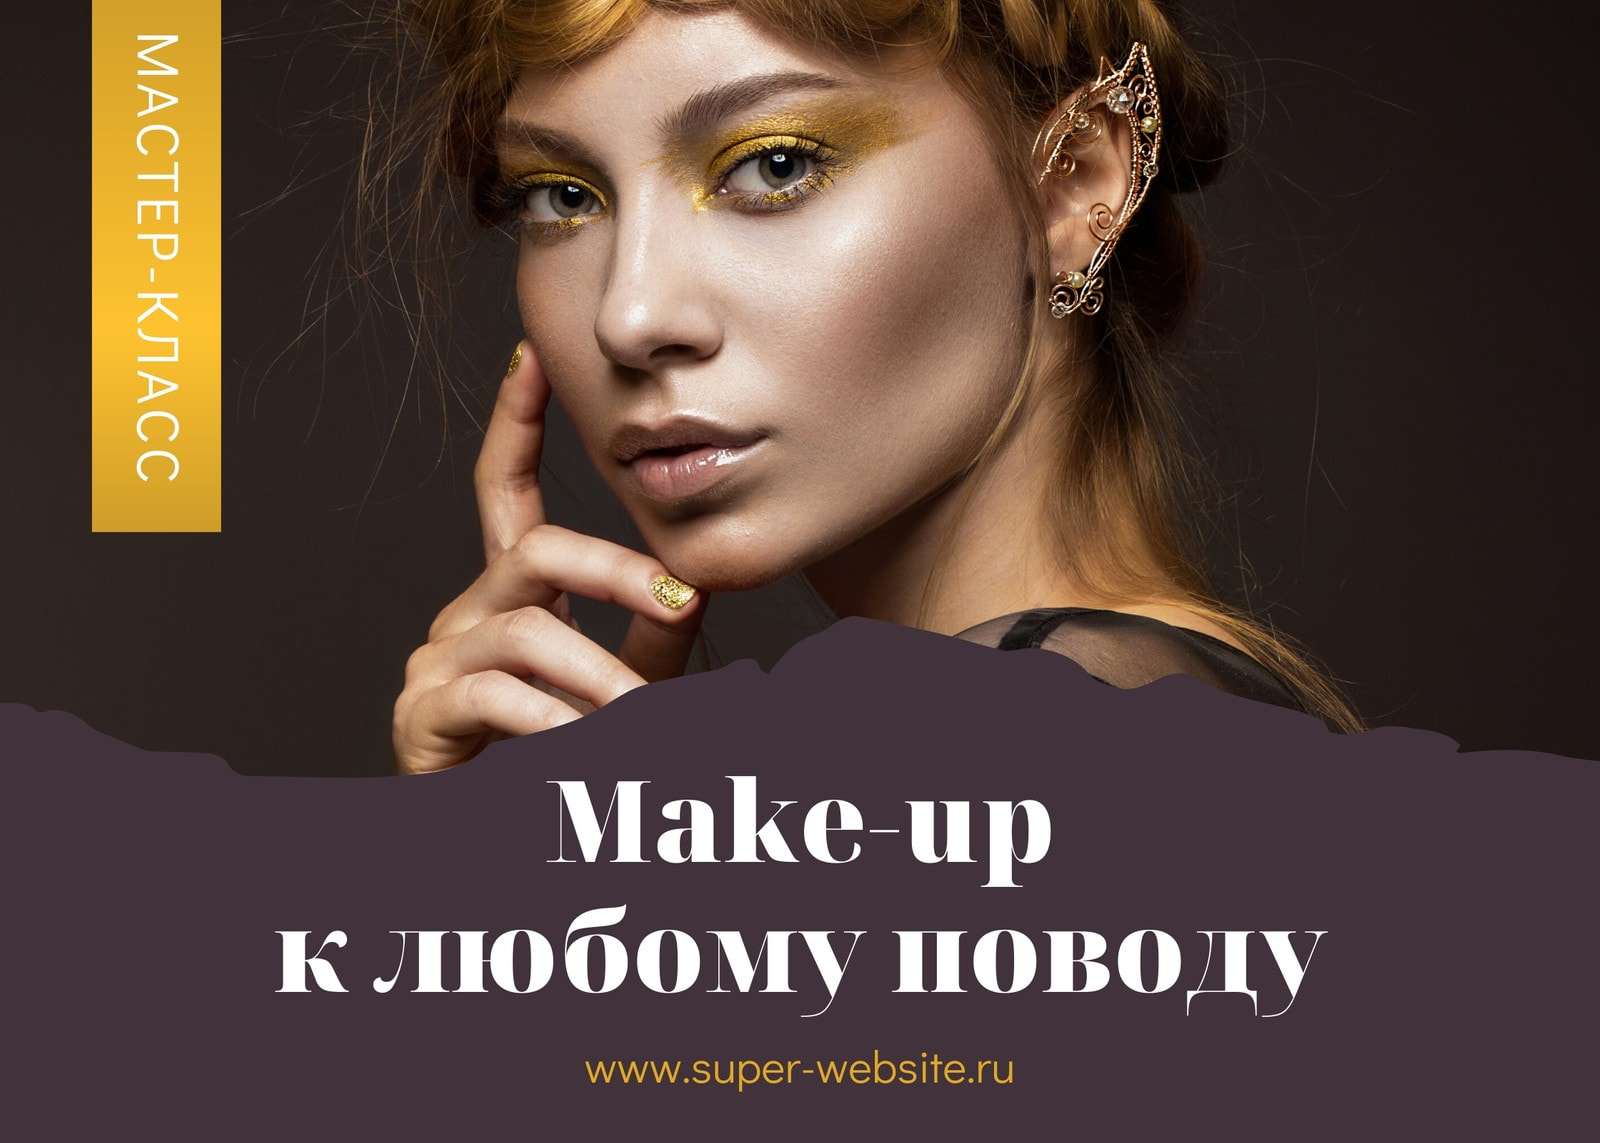 Черный с золотом Пост ВКонтакте с фотографией девушки с косой и макияжем